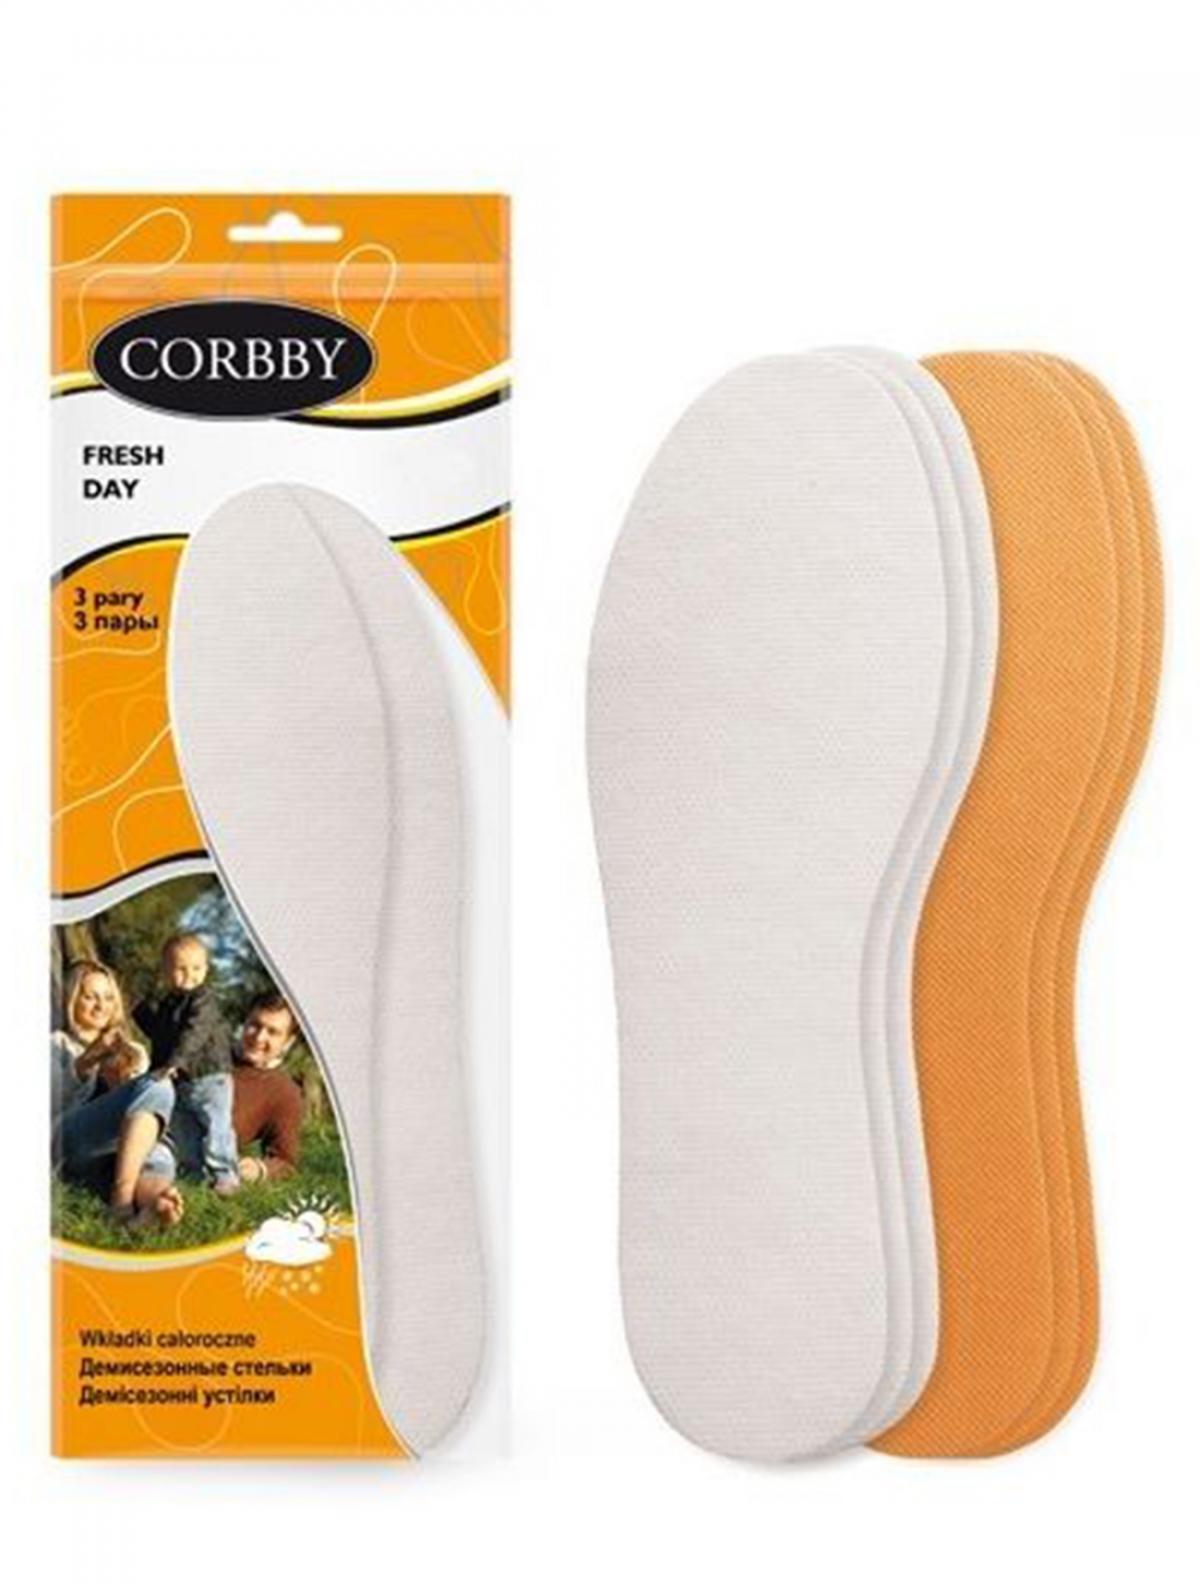 Corbby 1864C стельки демисезонные